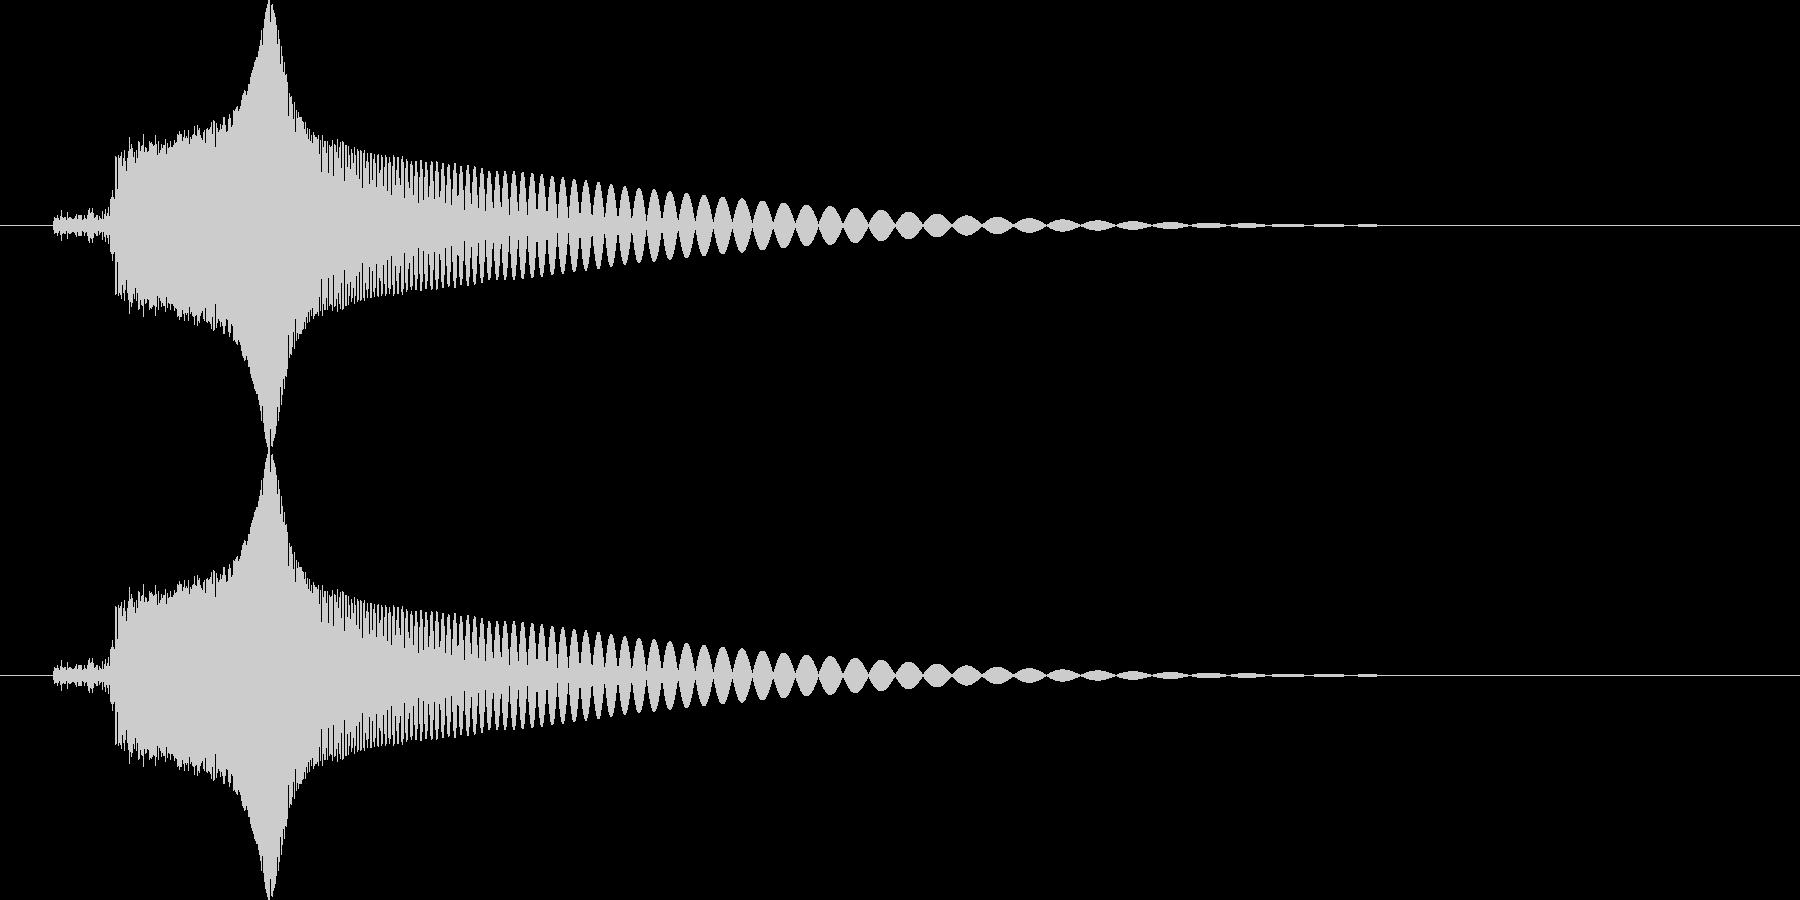 ピュン (レトロな銃の発射音)の未再生の波形